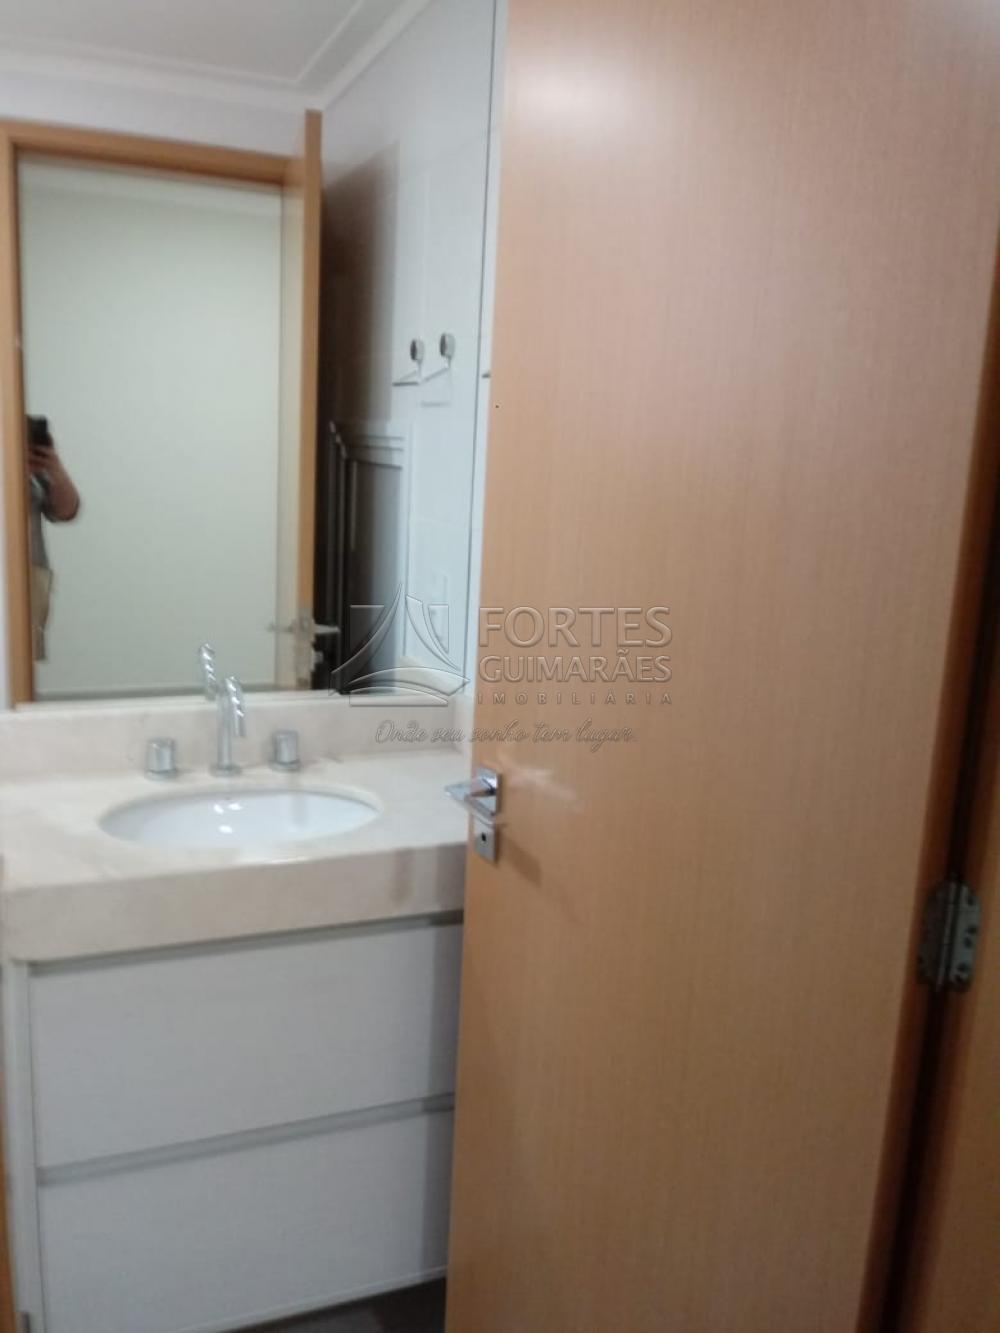 Alugar Apartamentos / Padrão em Ribeirão Preto apenas R$ 3.200,00 - Foto 28